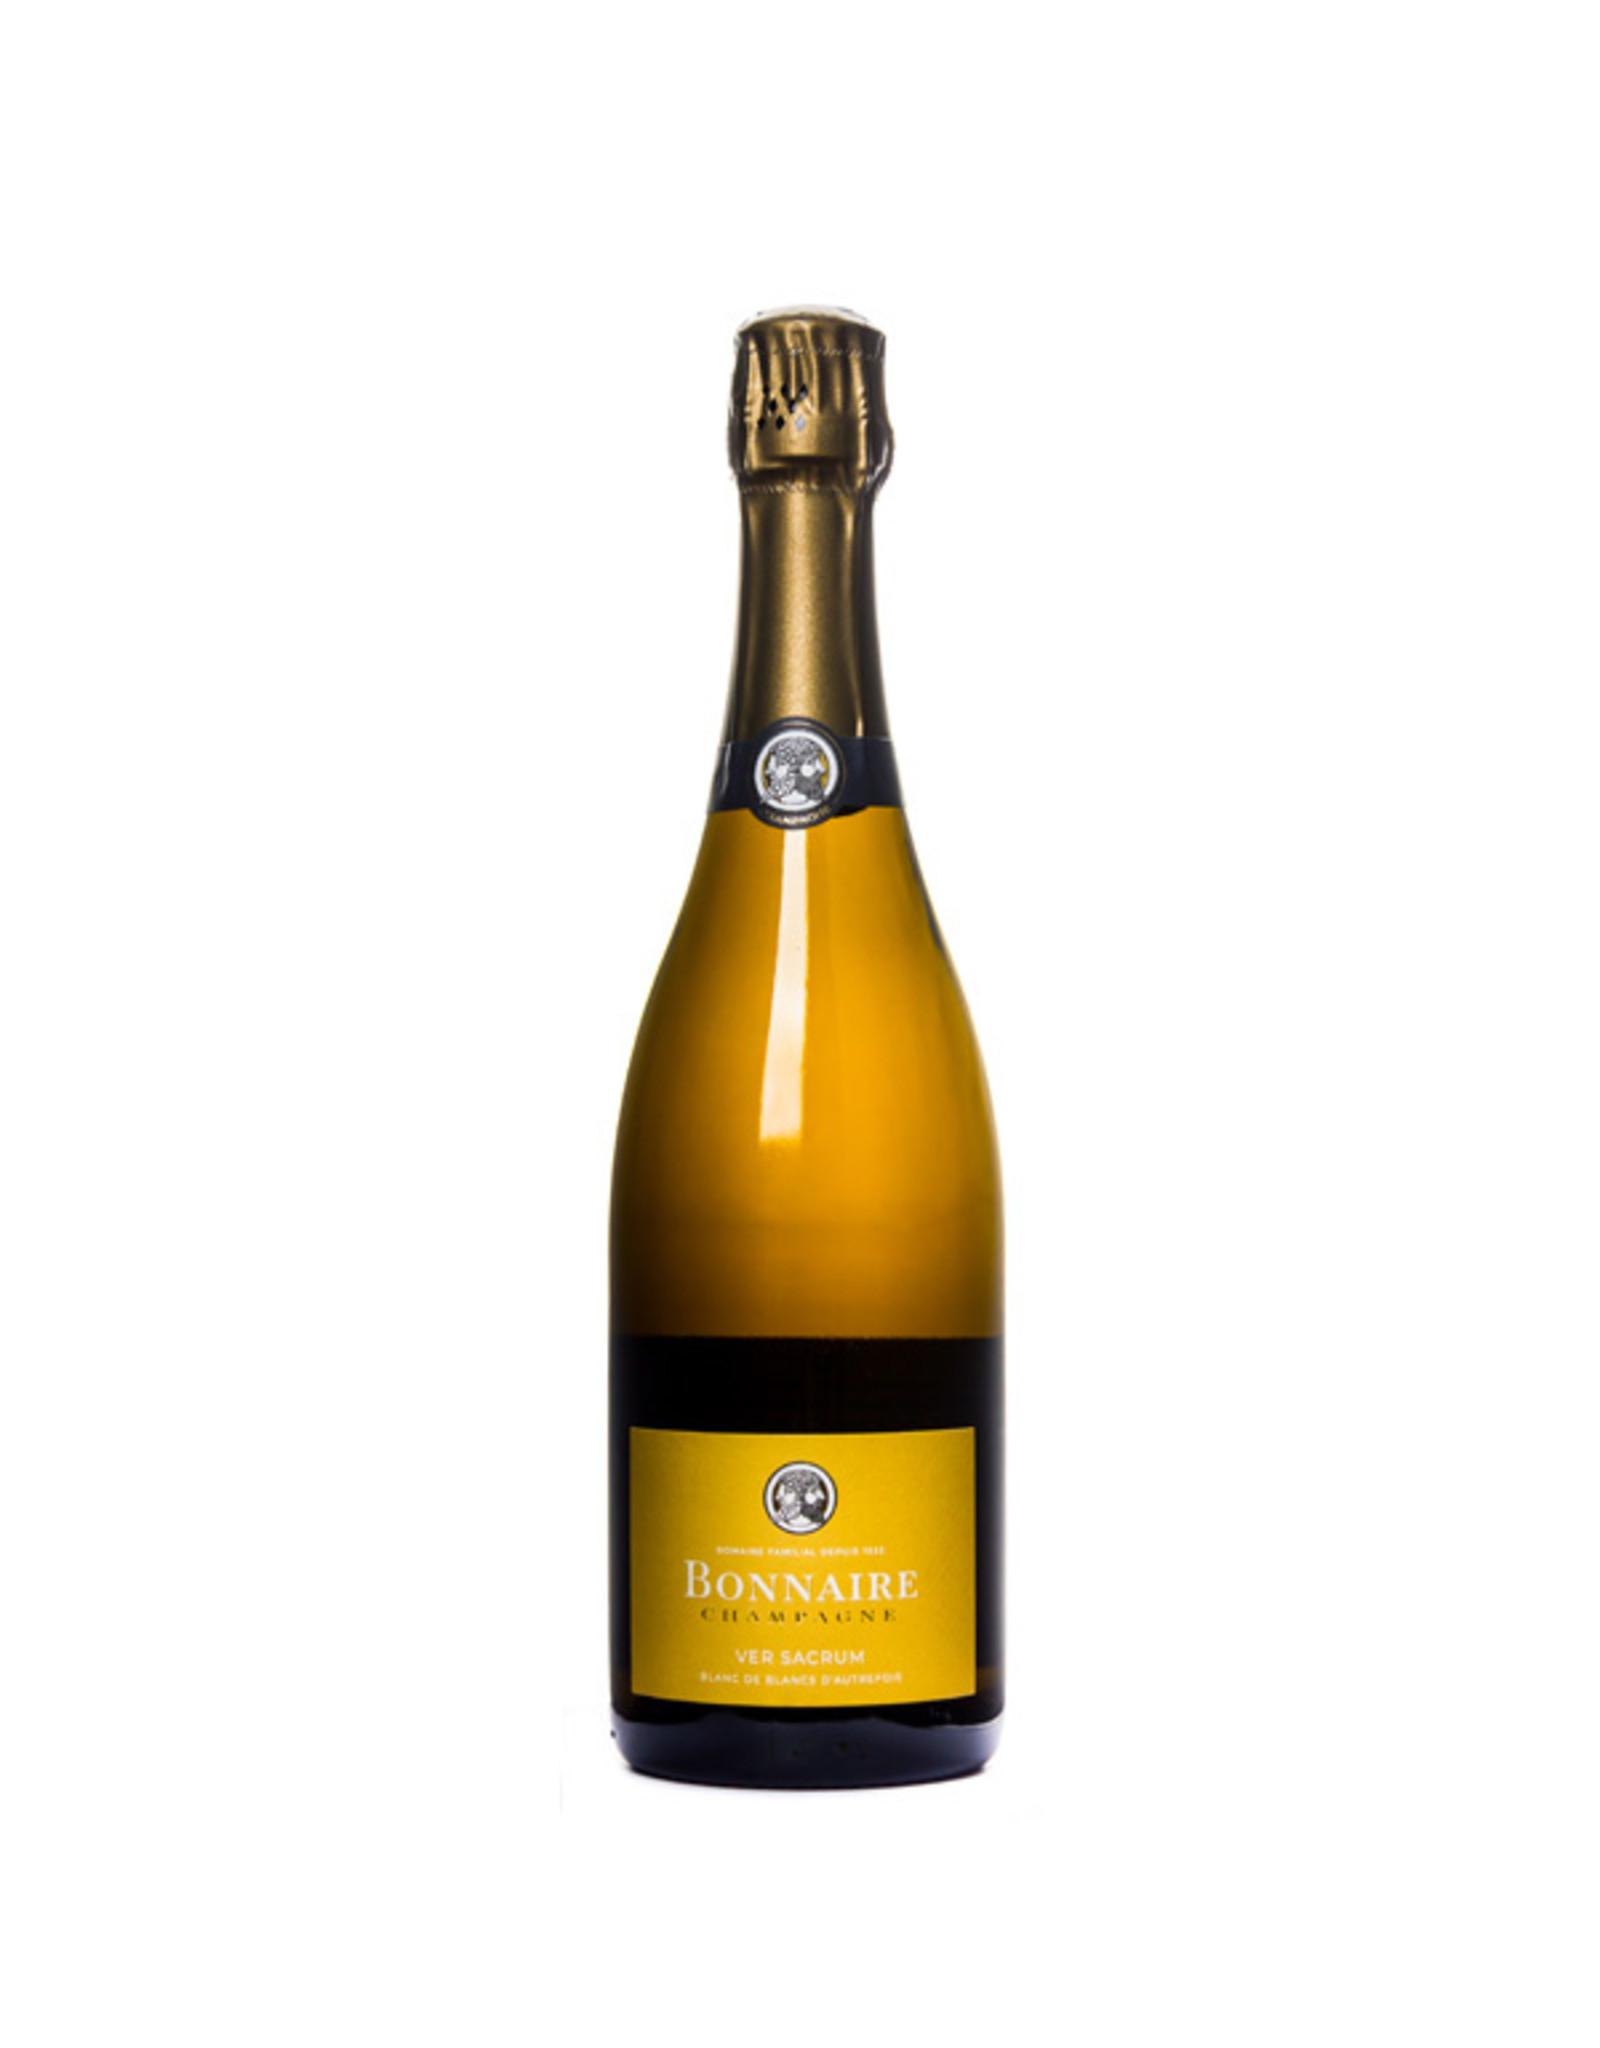 Bonnaire Champagne, Cramant Bonnaire Champagne Blanc de Blancs 'Ver Sacrum'